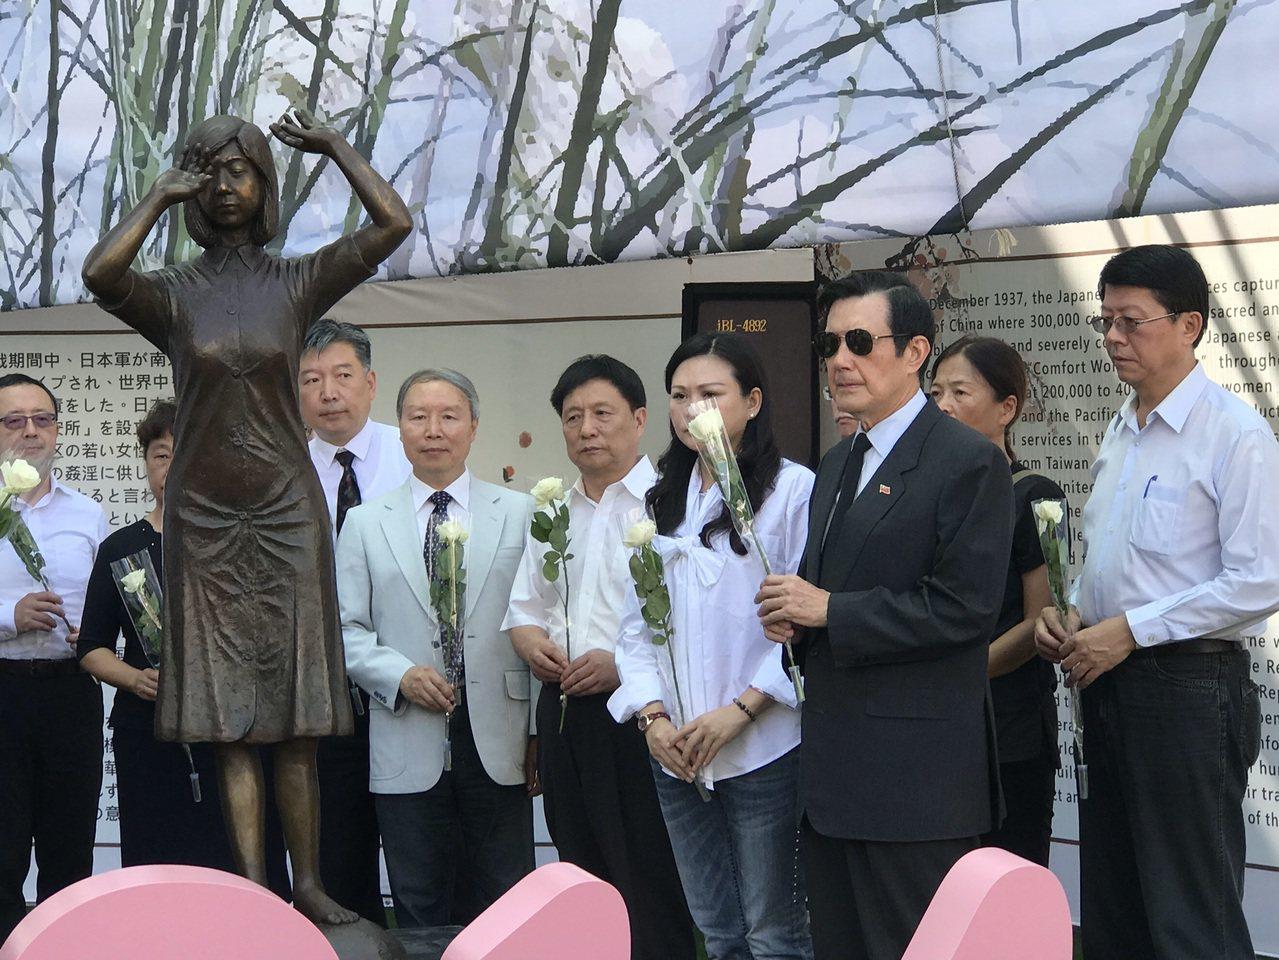 前總統馬英九(右二)今天到台南出席慰安婦紀念日追思會 。記者鄭維真/攝影